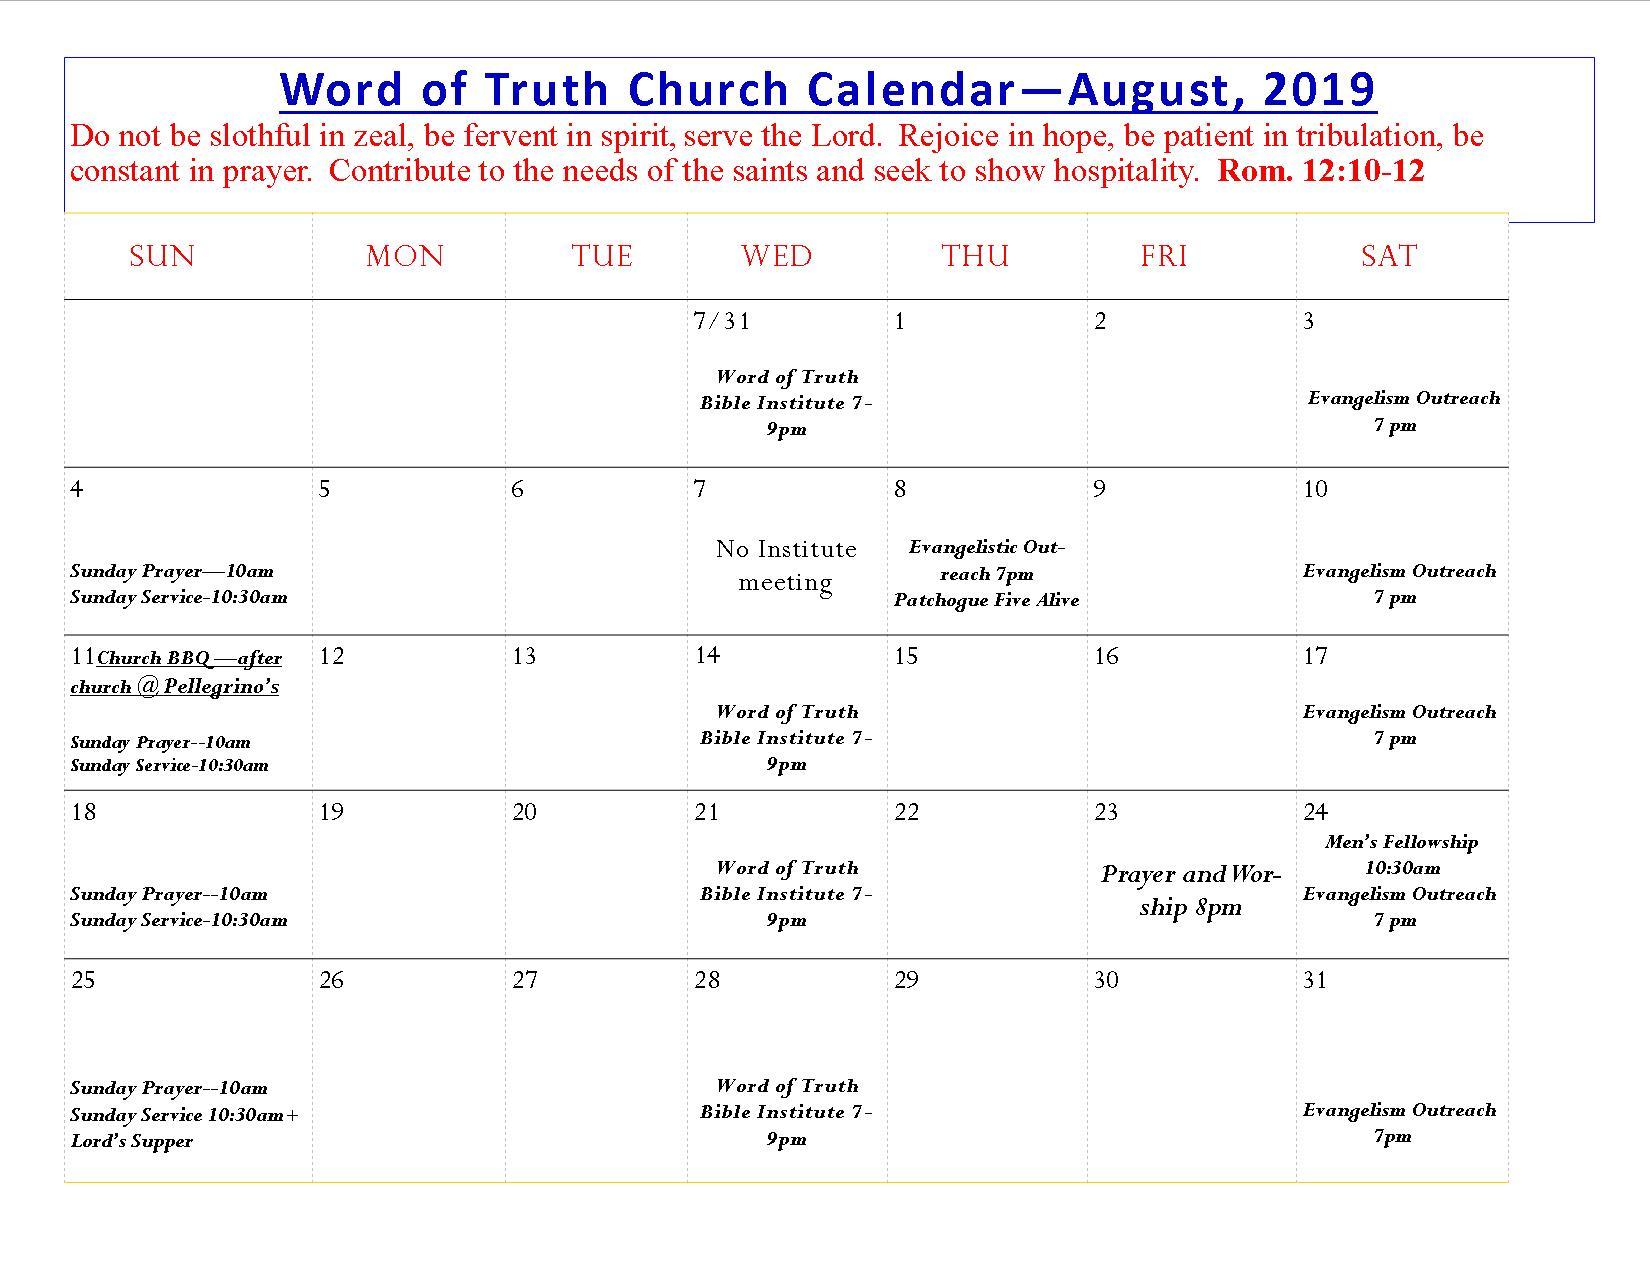 calendar word of truth church aug 2019.jpg